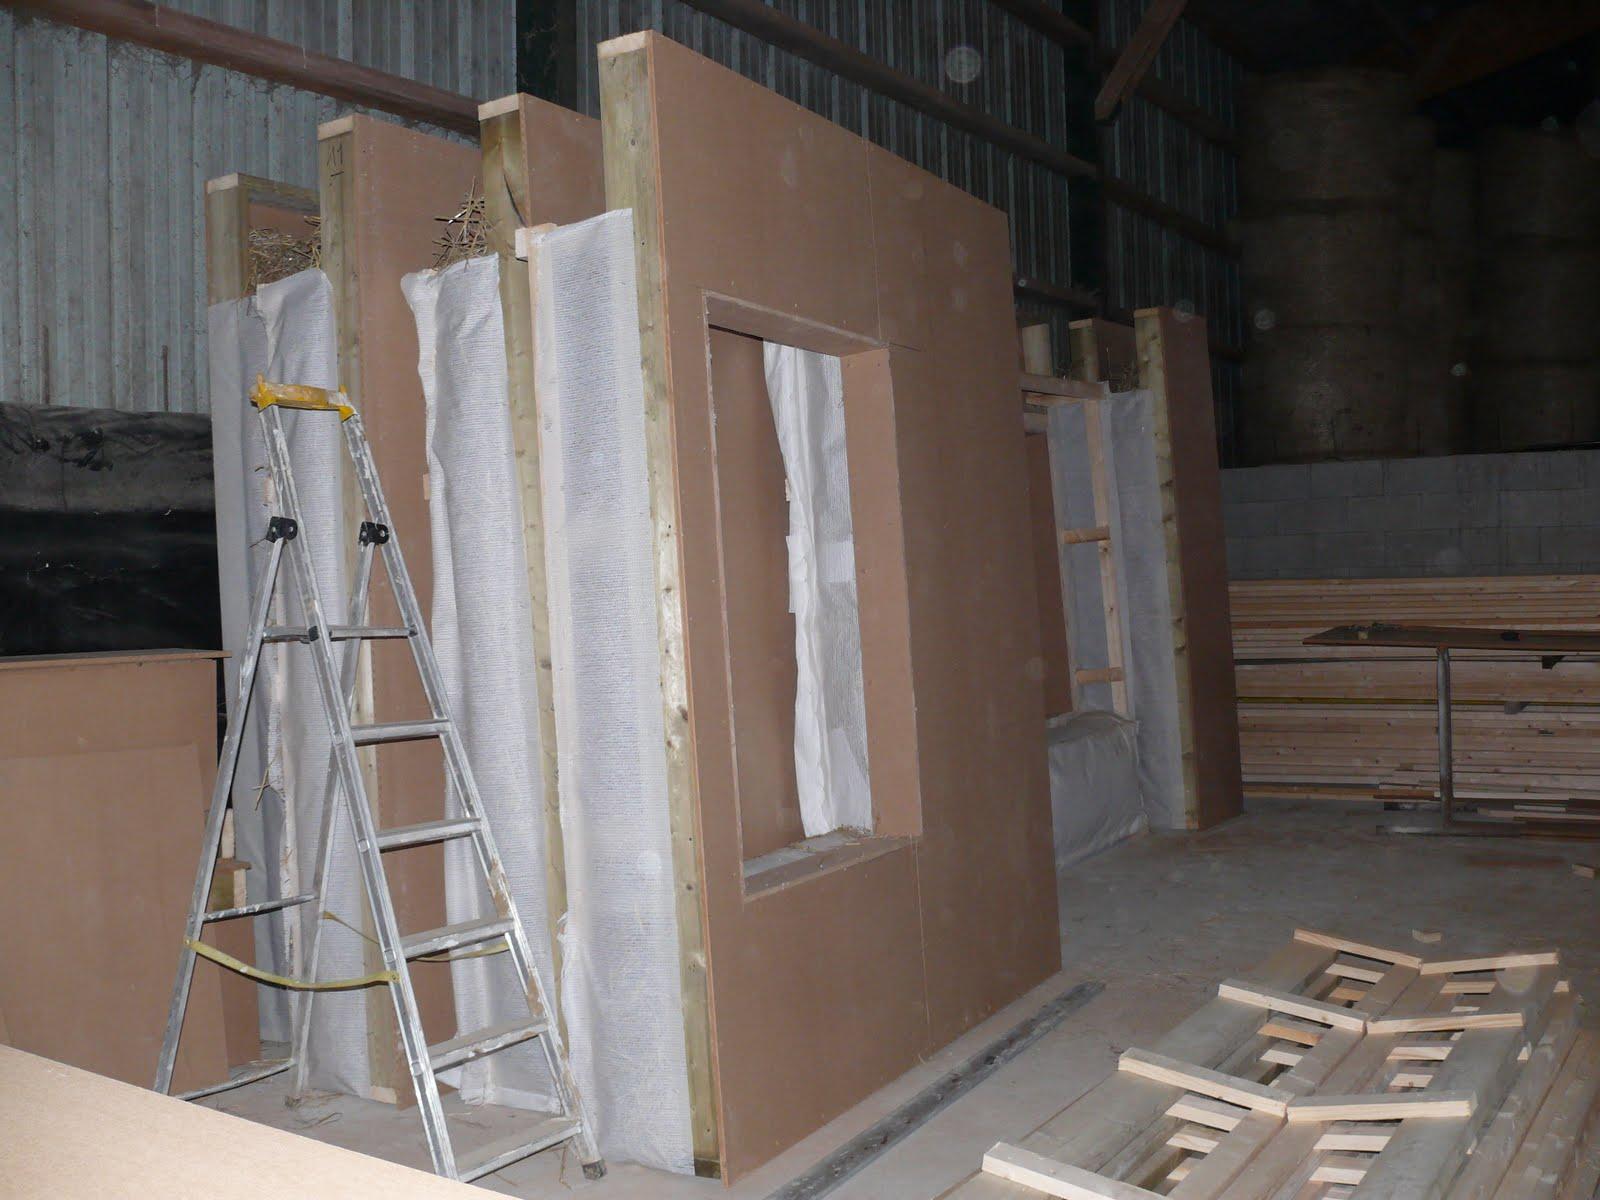 Maison structure bois isolation paille for Isolation maison bois